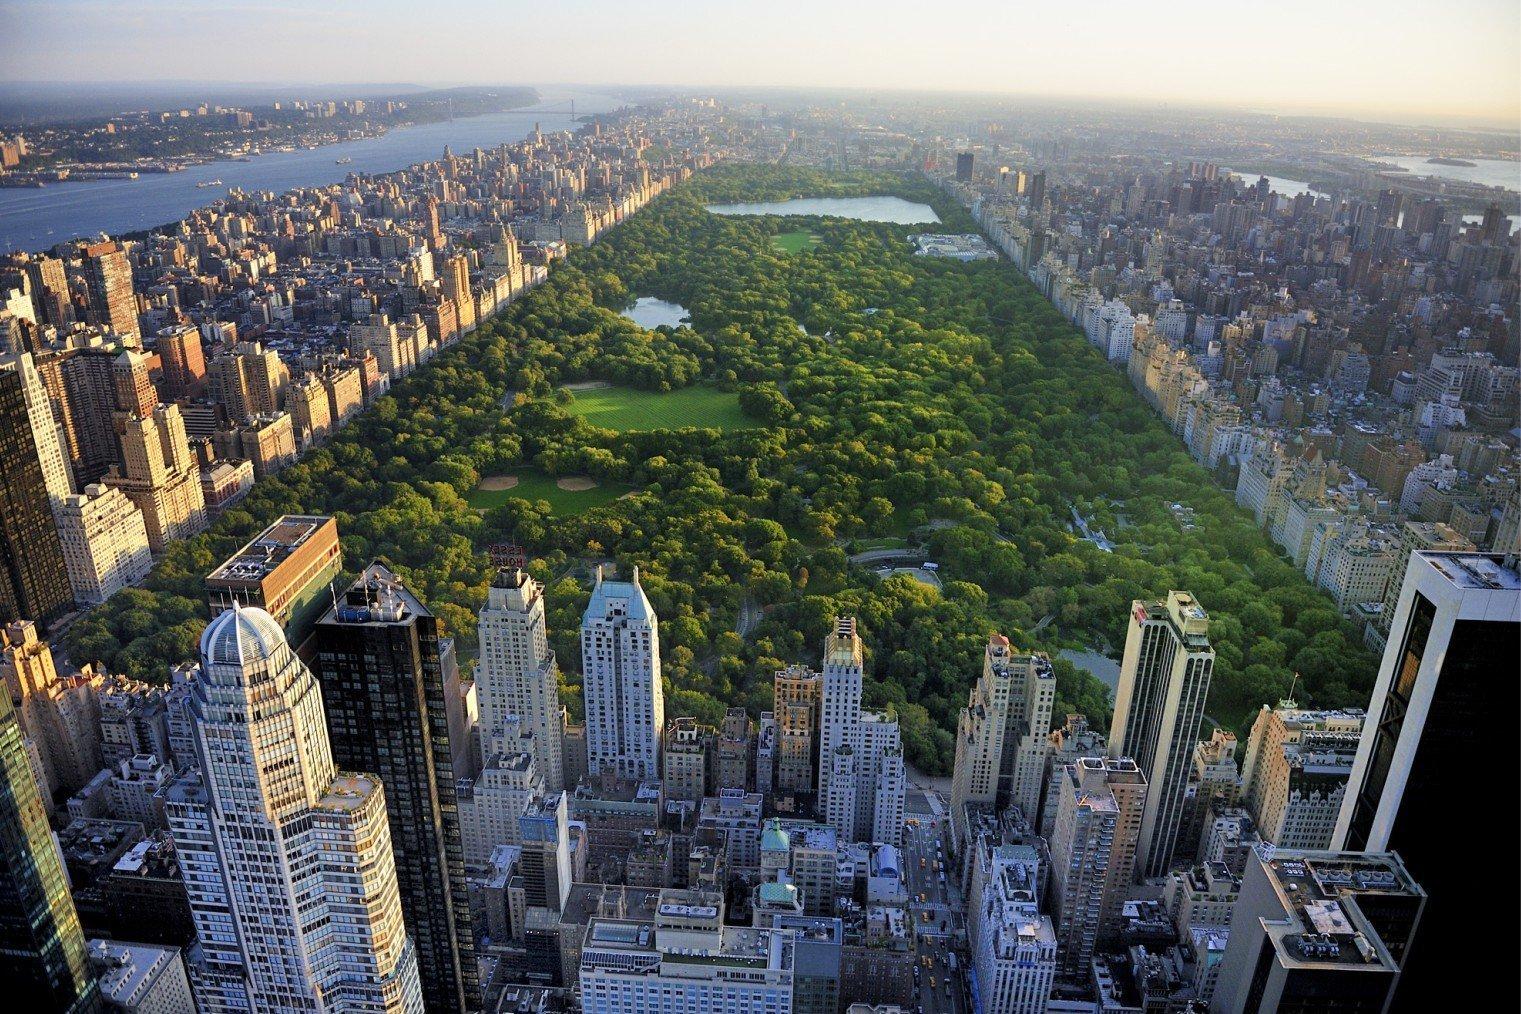 Центральный парк, Нью-Йорк. Central Park, NYC